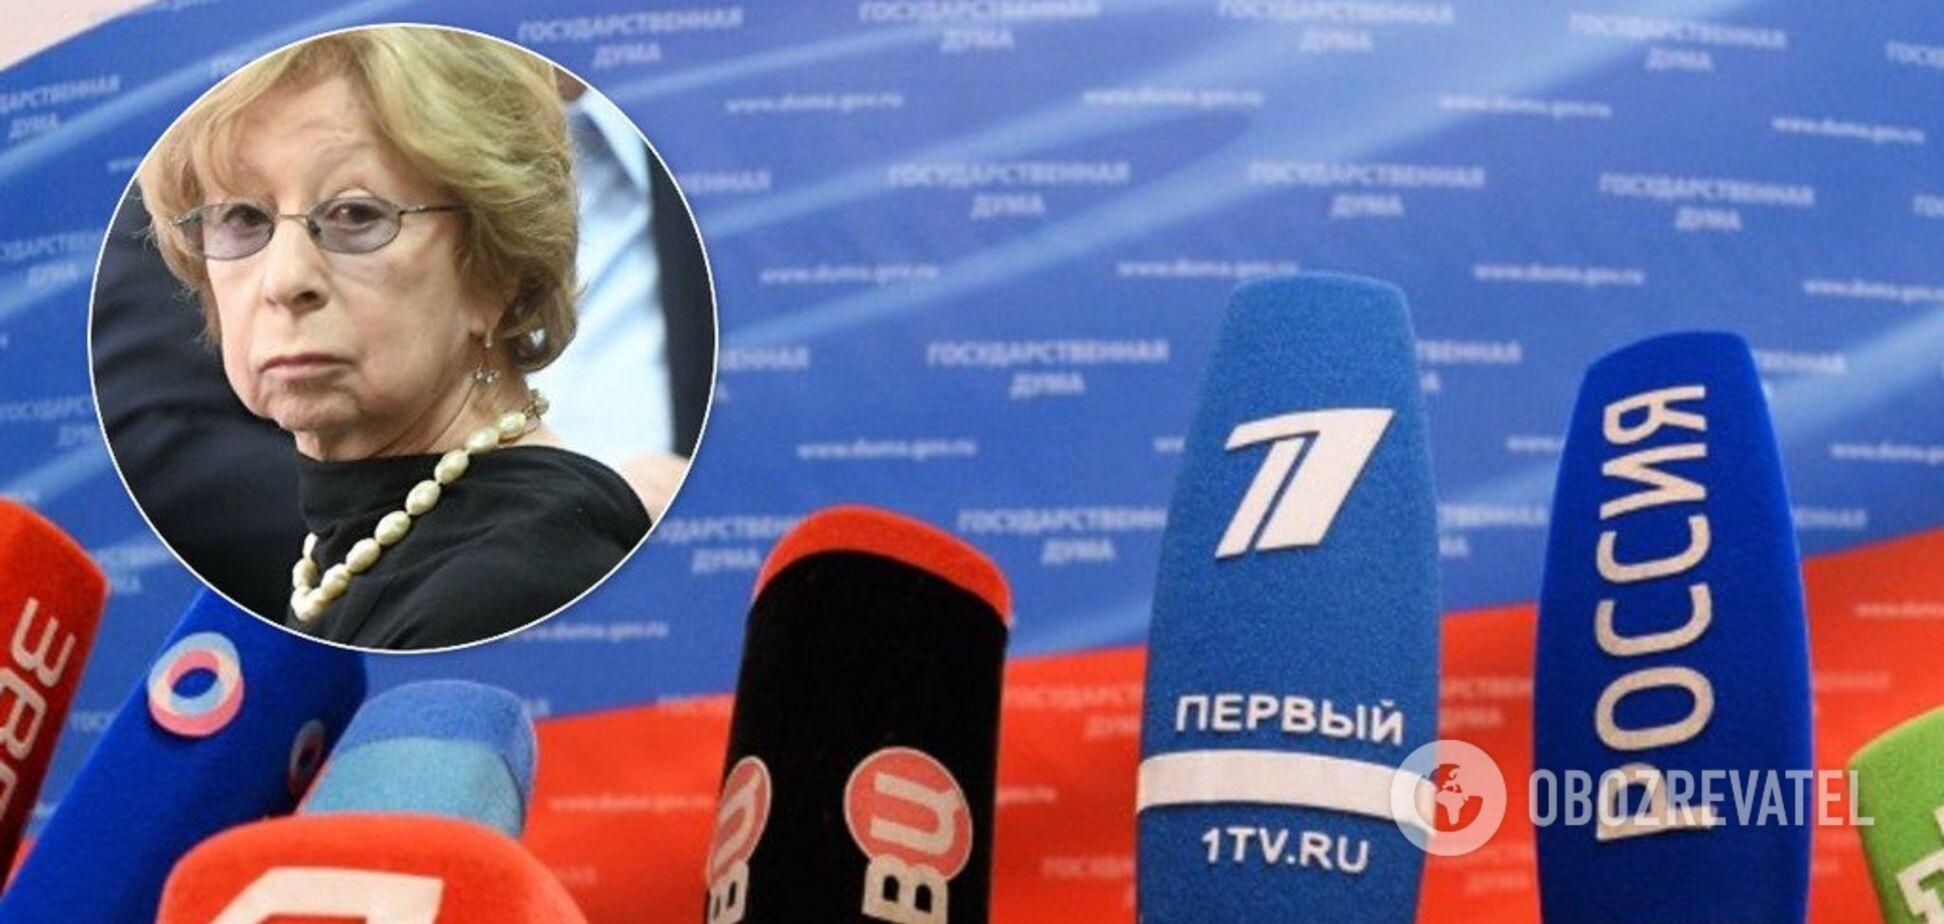 'То англічанка паскудить, то Україна заважає': Ахеджакова жорстко засудила російських пропагандистів